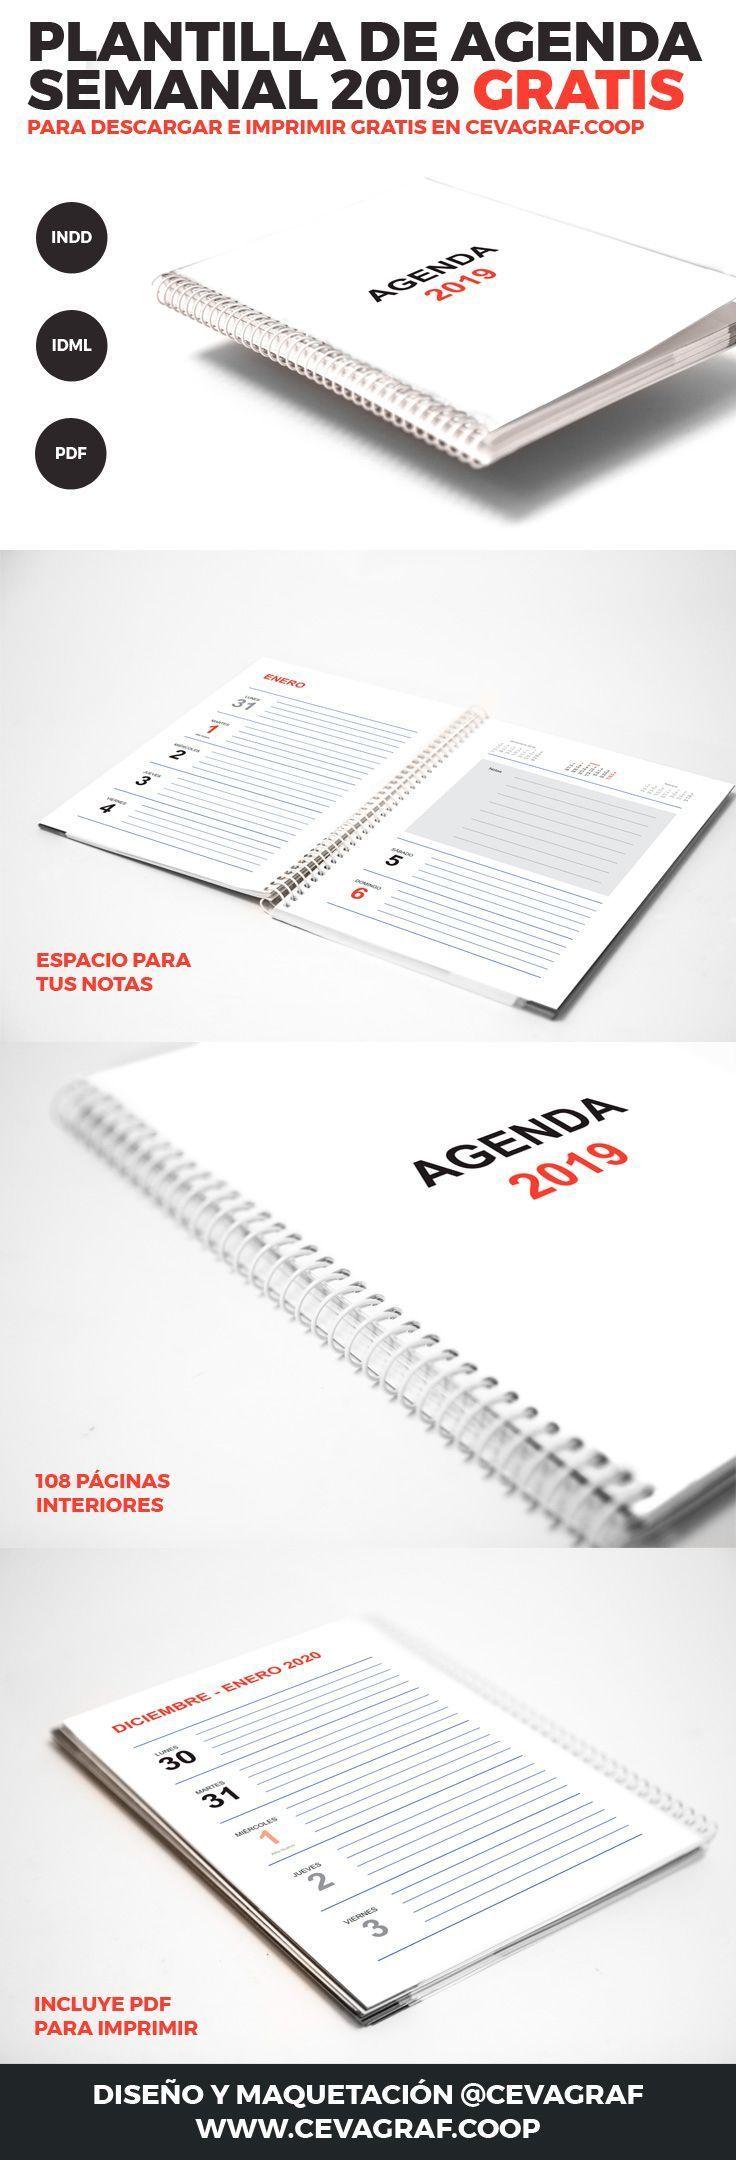 Agenda 2019 Plantilla Gratis para Imprimir | Descarga Plantillas ...